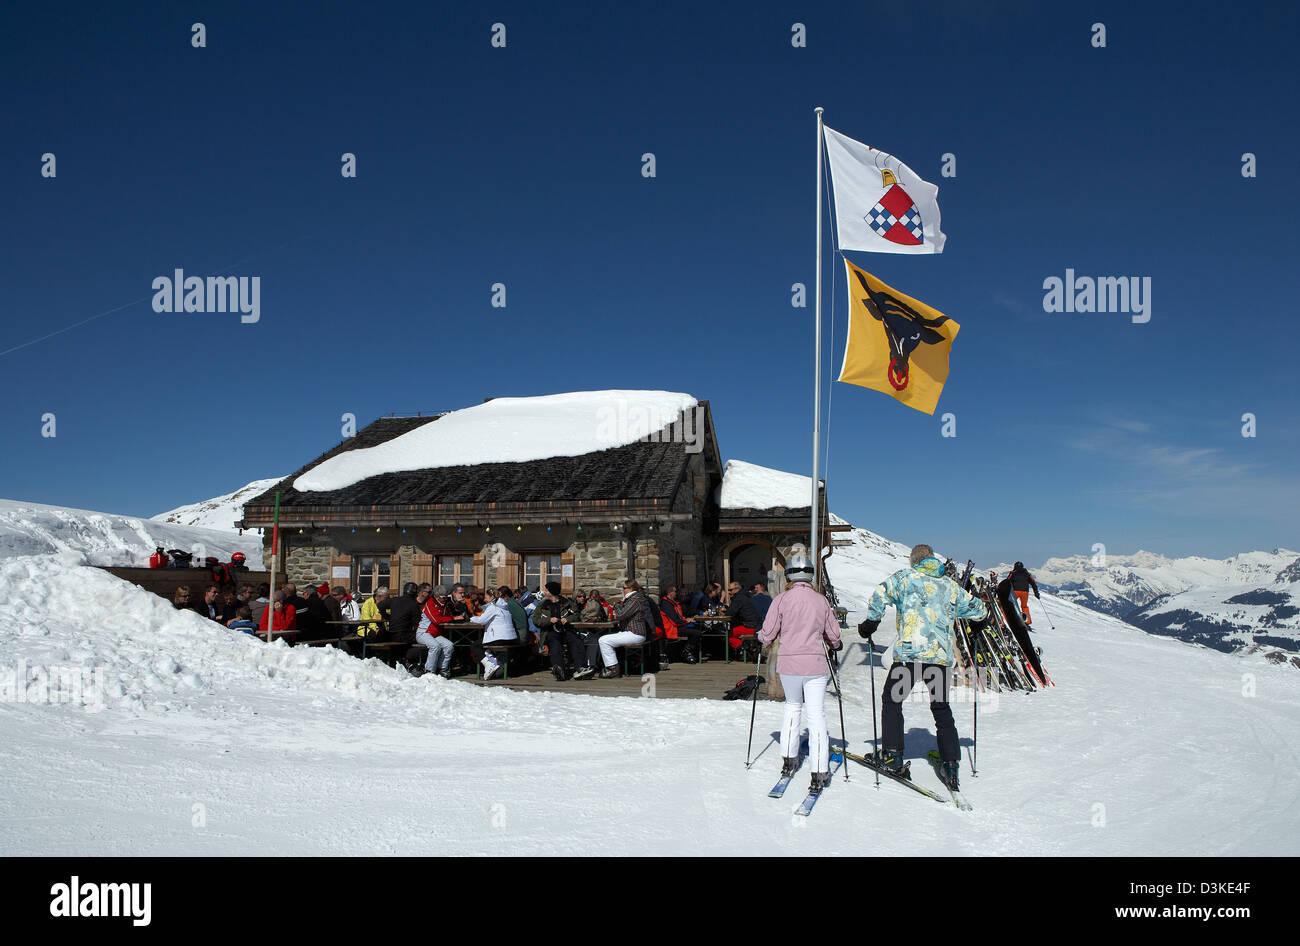 june mountain ski area stock photos & june mountain ski area stock